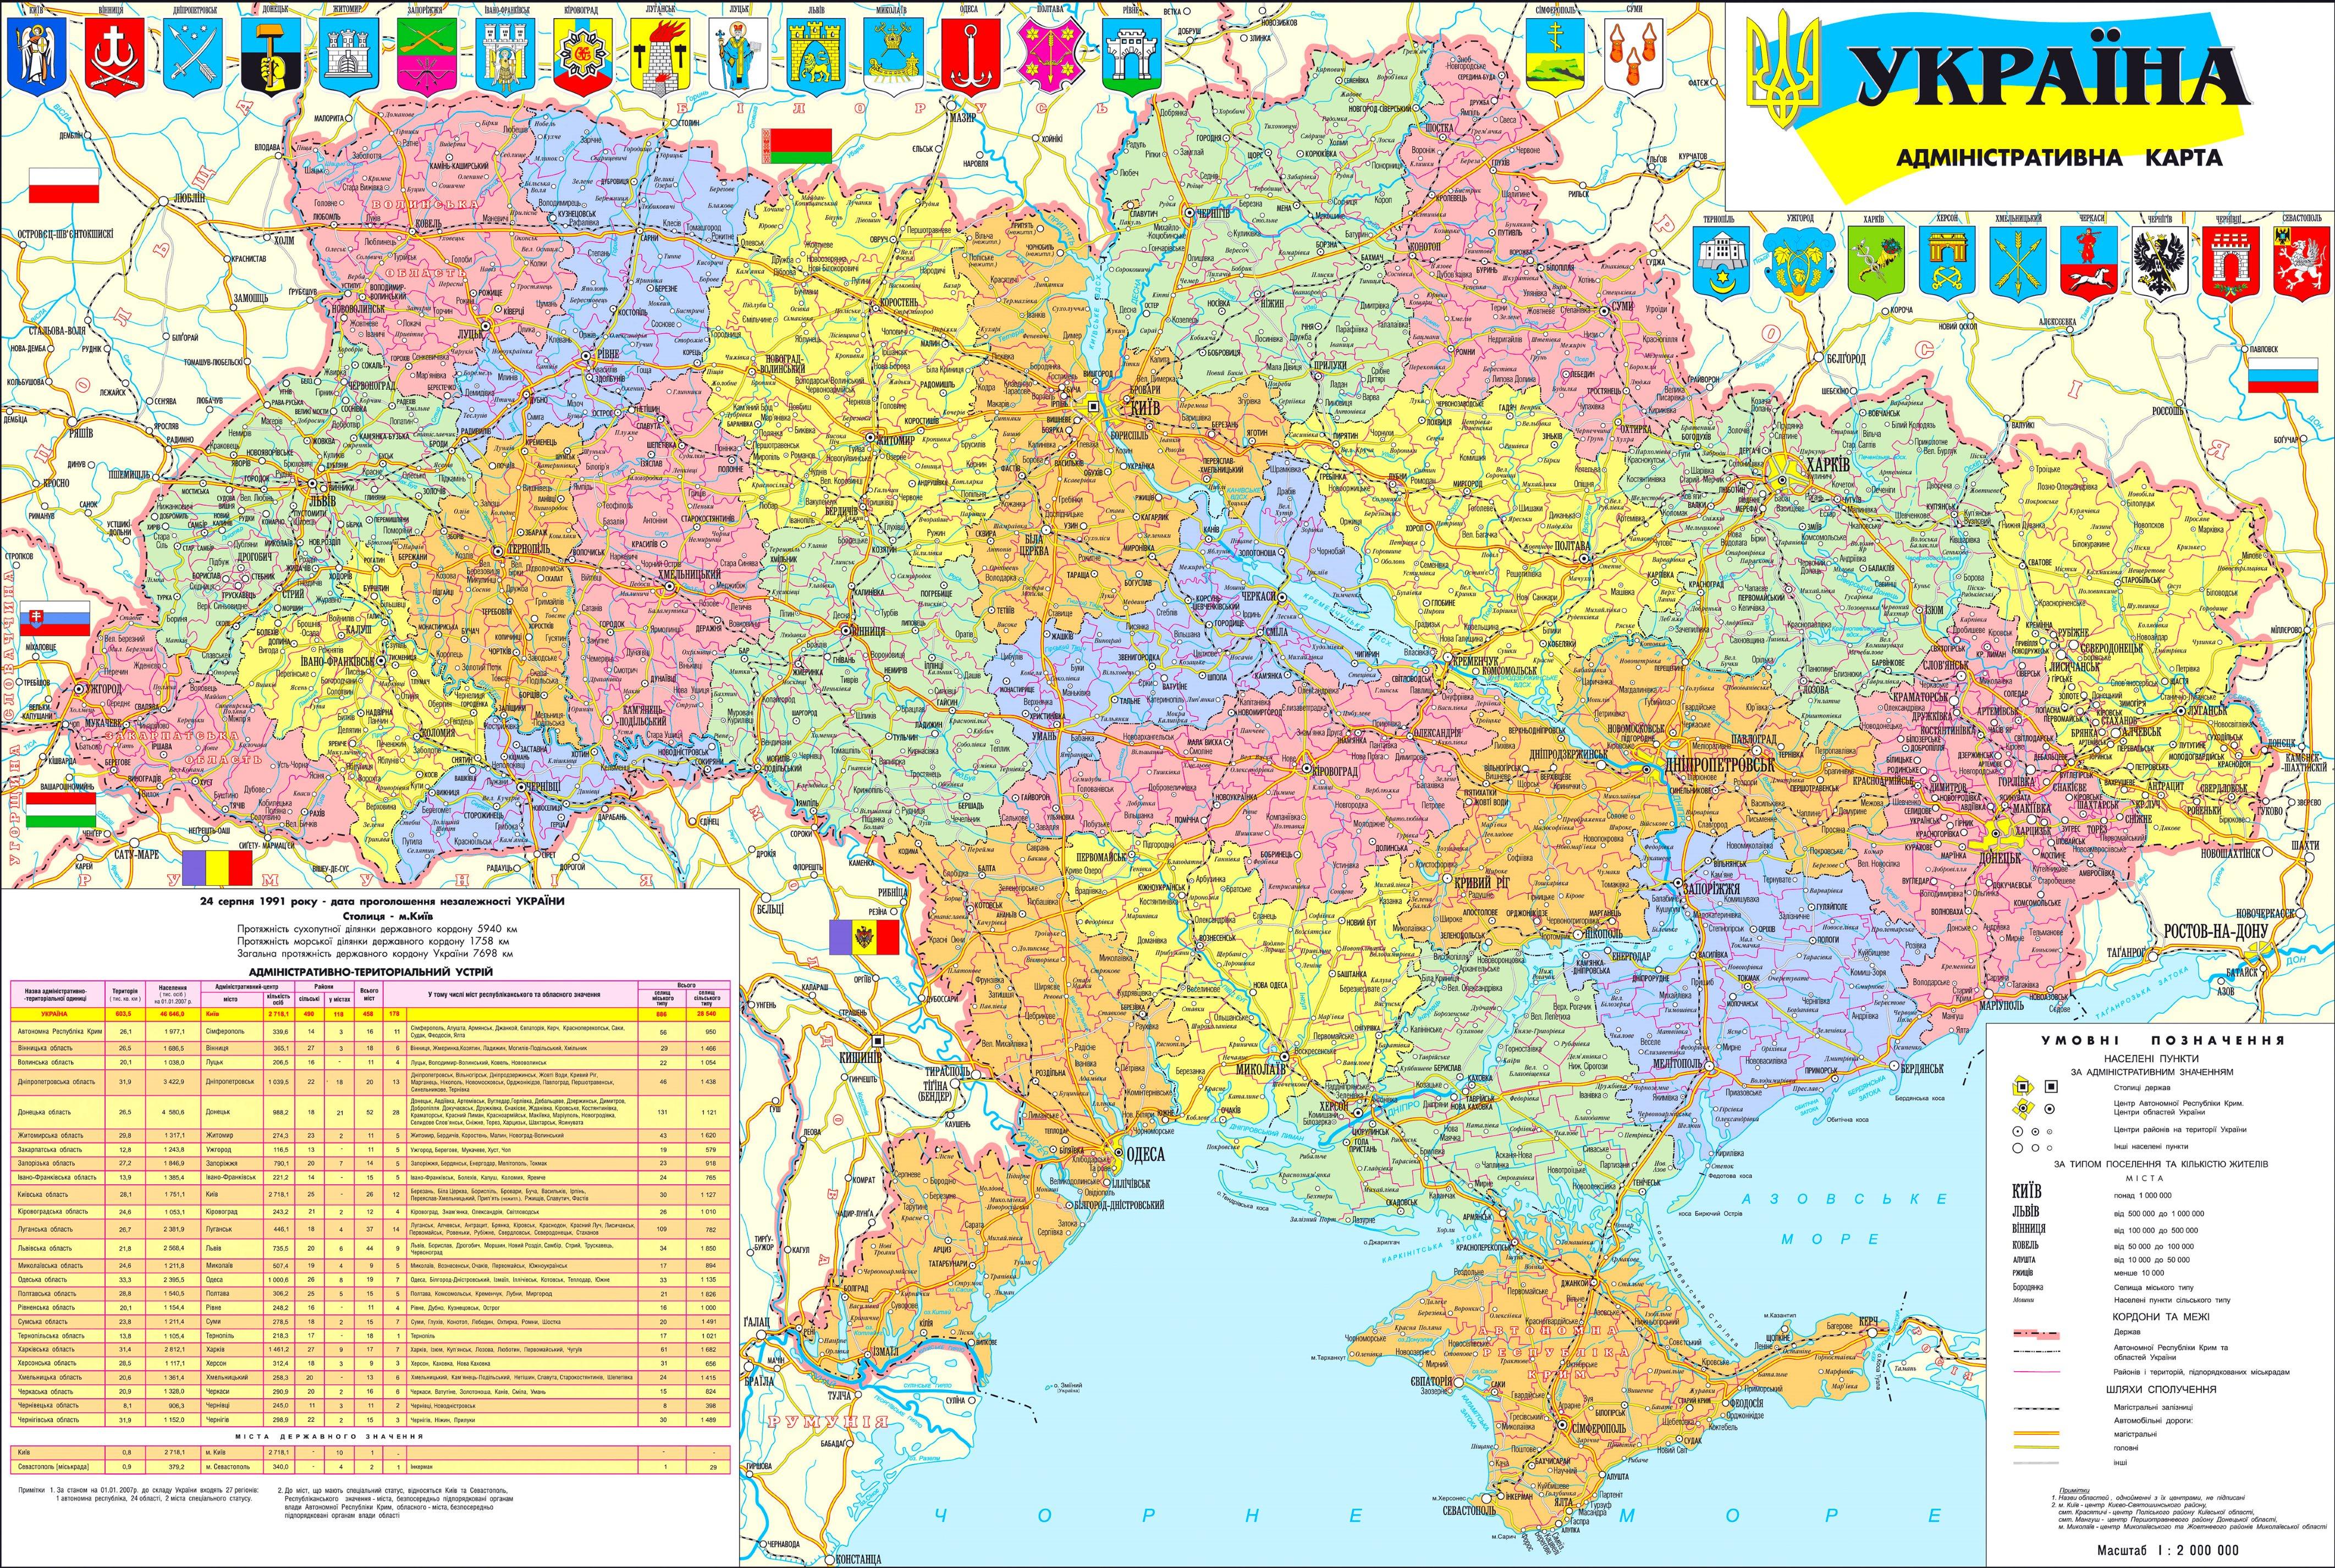 Grosse Detaillierte Karte Von Ukraine